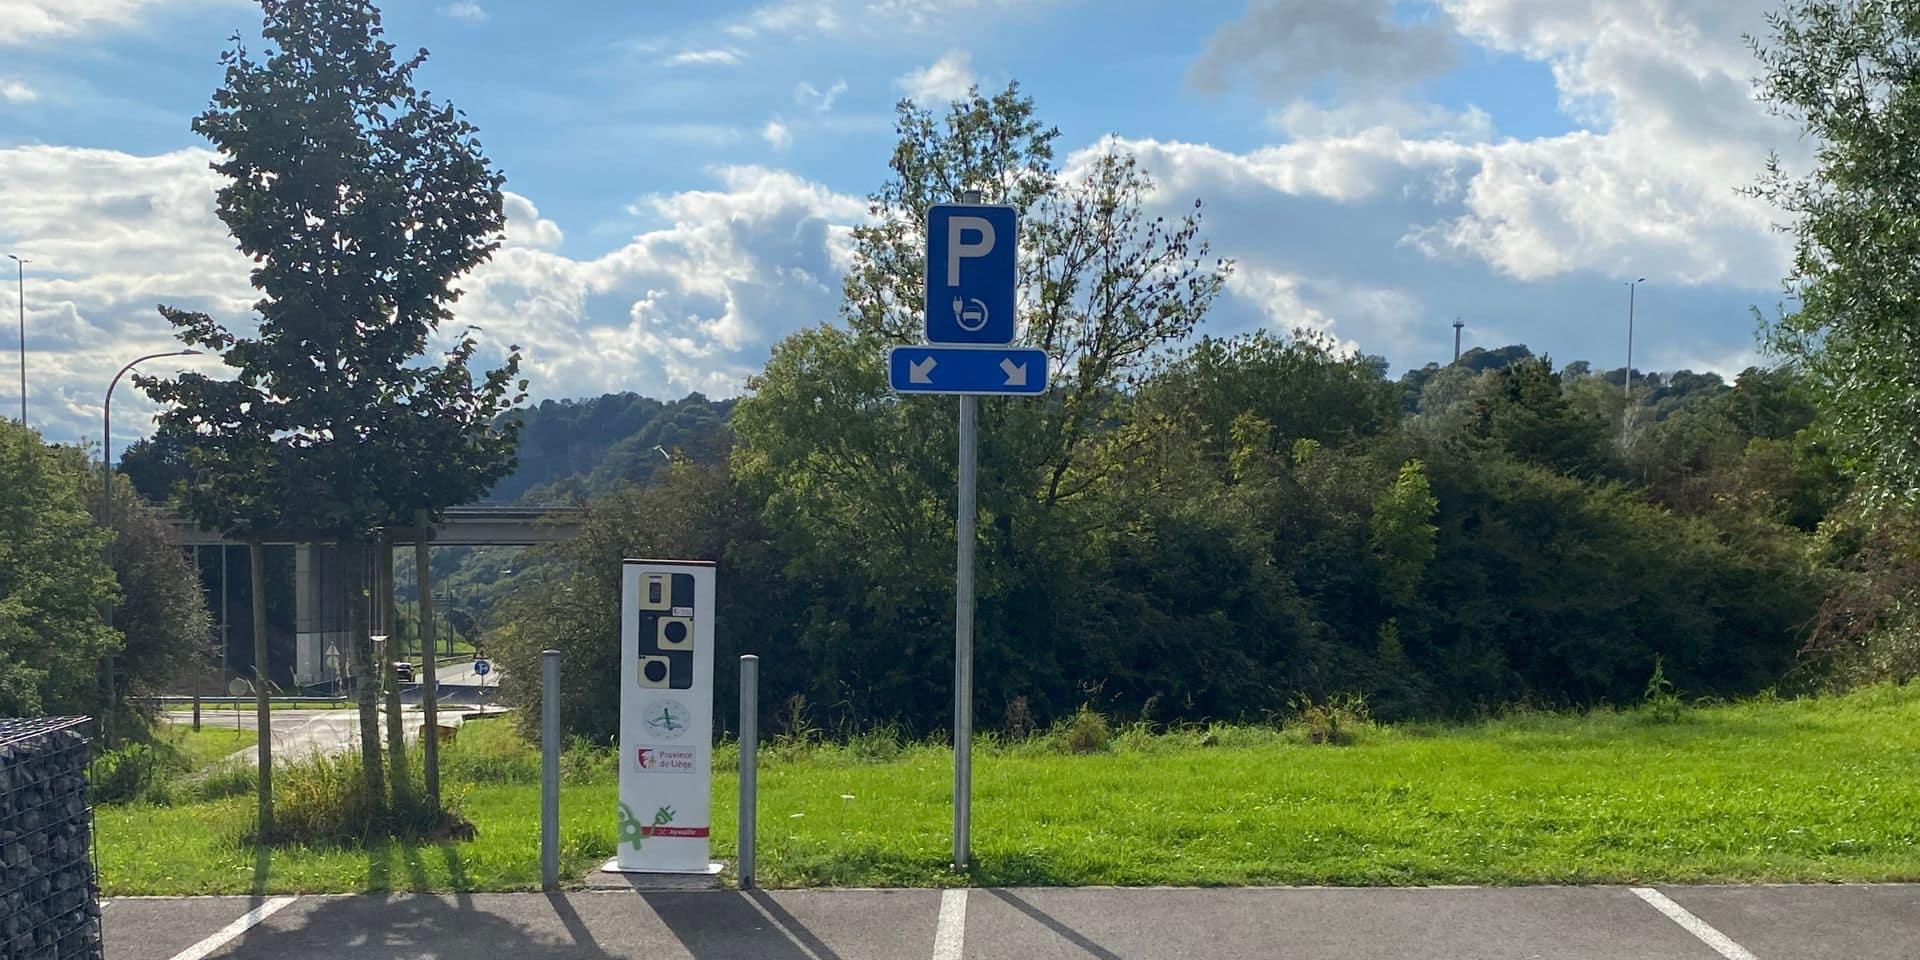 Aywaille : mise en service d'une borne de chargement pour voitures électriques au parking d'Ecovoiturage de Playe